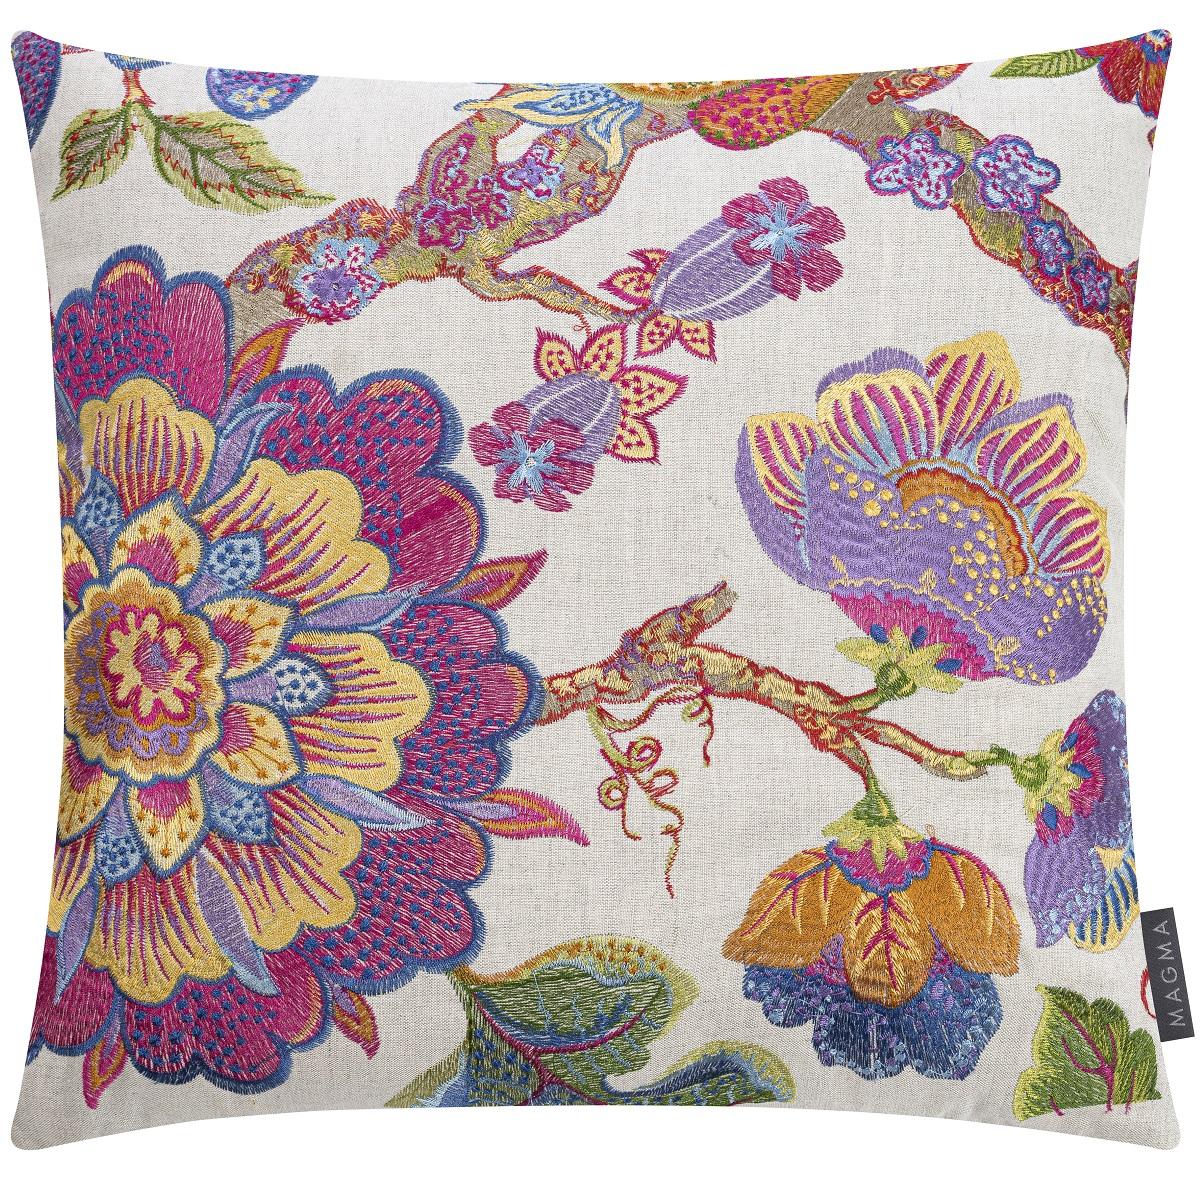 Deko Kissen grafisches Muster Samtoptik verschiedene Farben 45x45cm